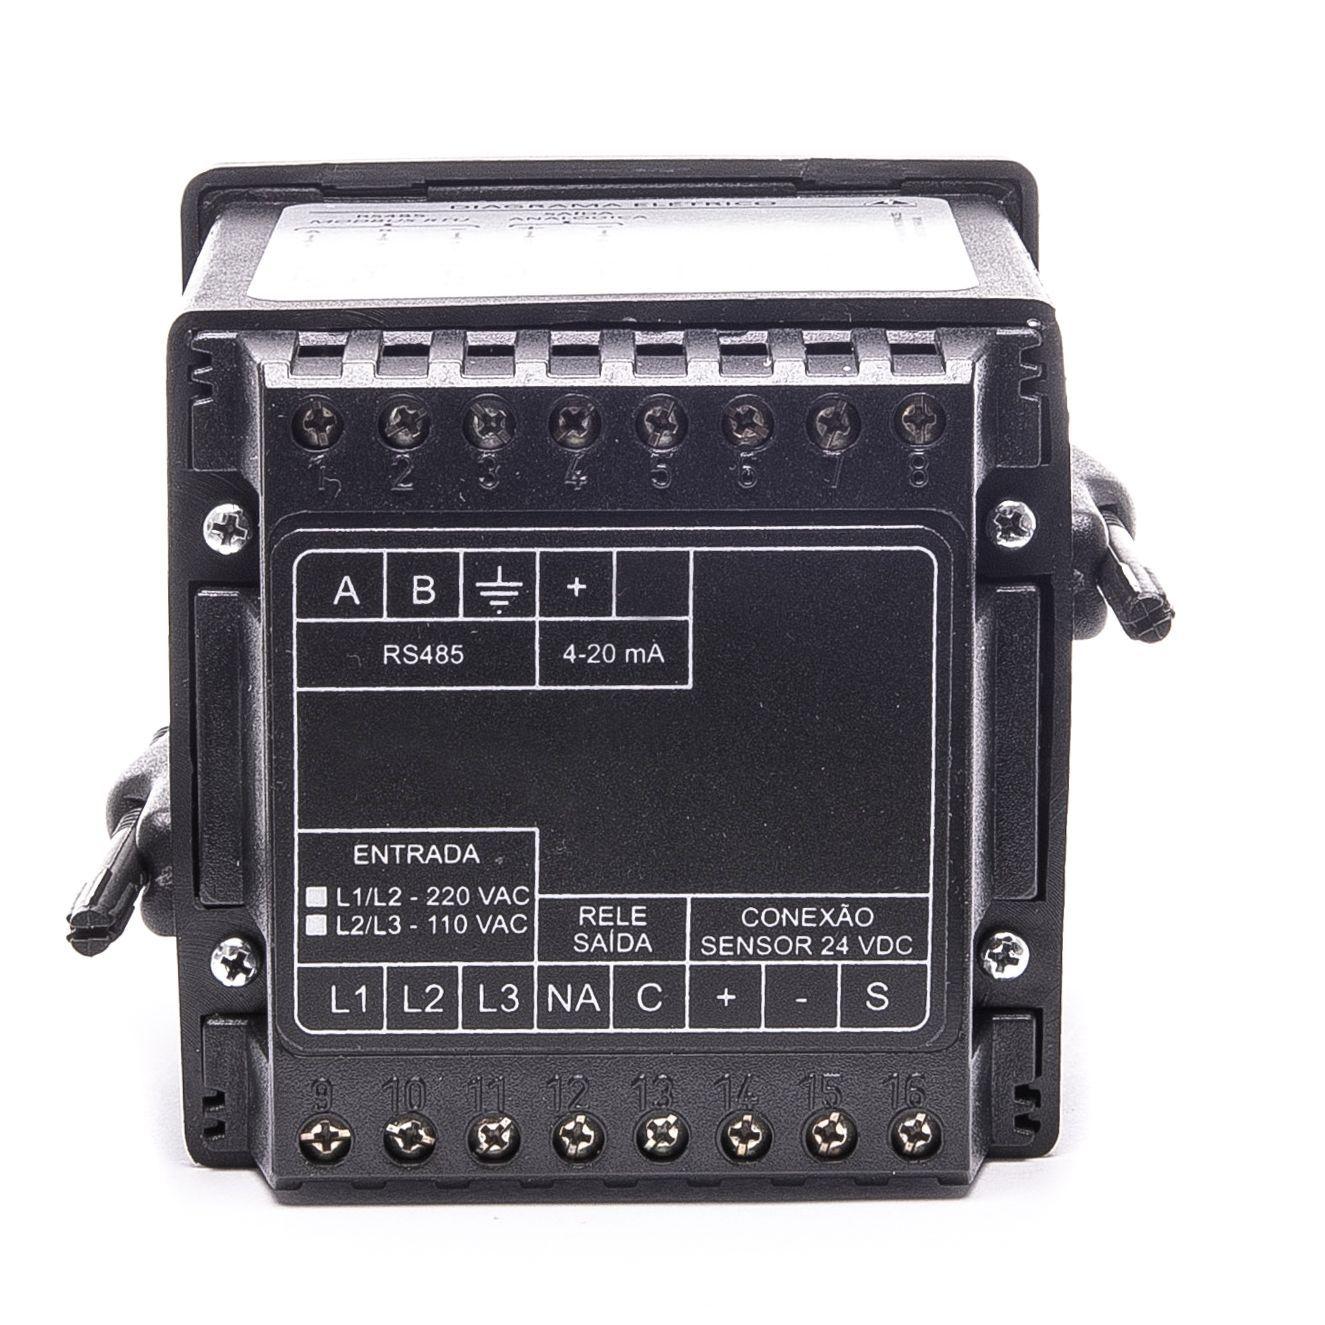 BLIT-P-MA Indicador de vazão e totalizador de volume para painel com entrada analógica